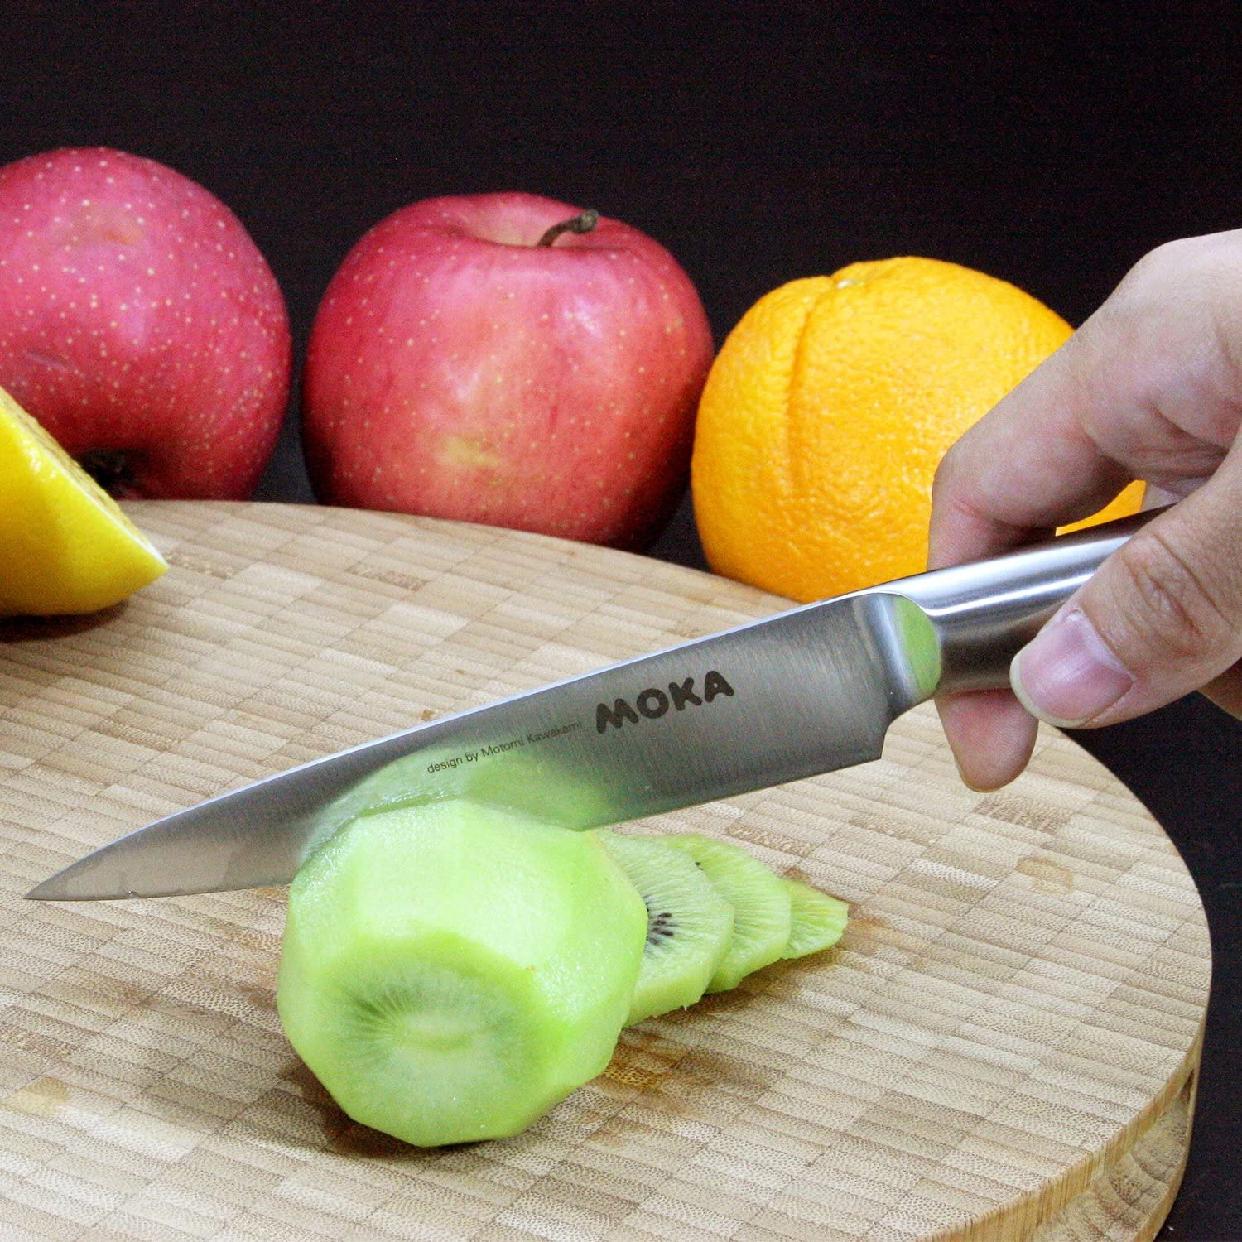 MOKA(モカ) ペティナイフ 58901 刃渡り130mmの商品画像4